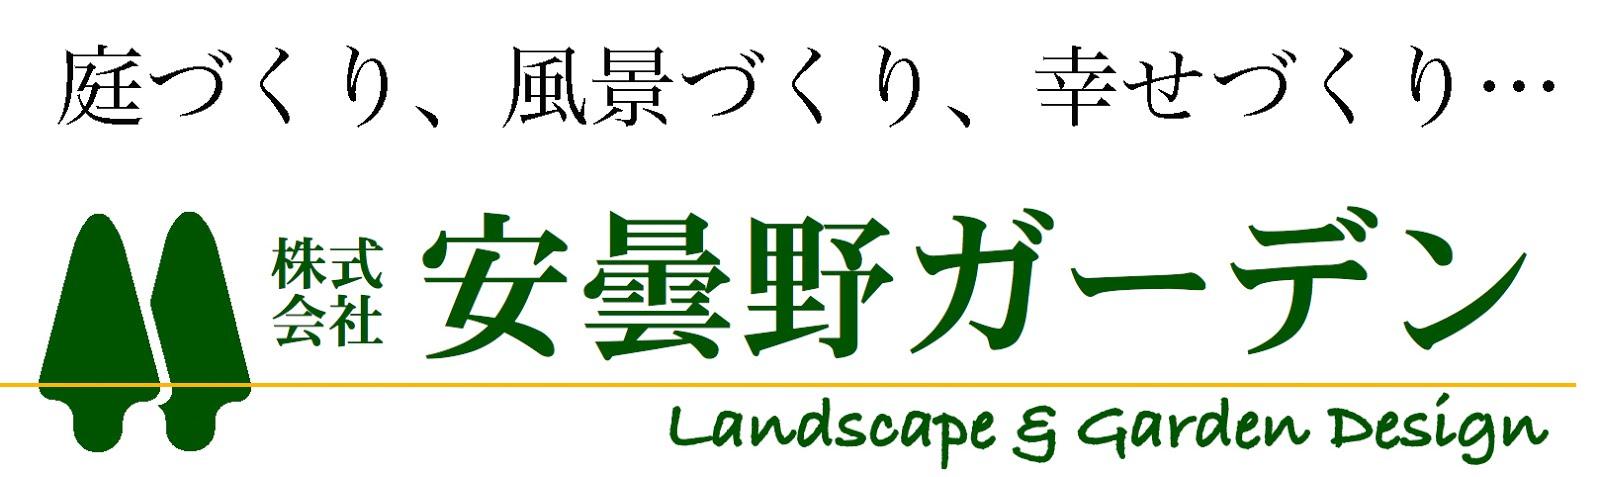 (株)安曇野ガーデン のHP